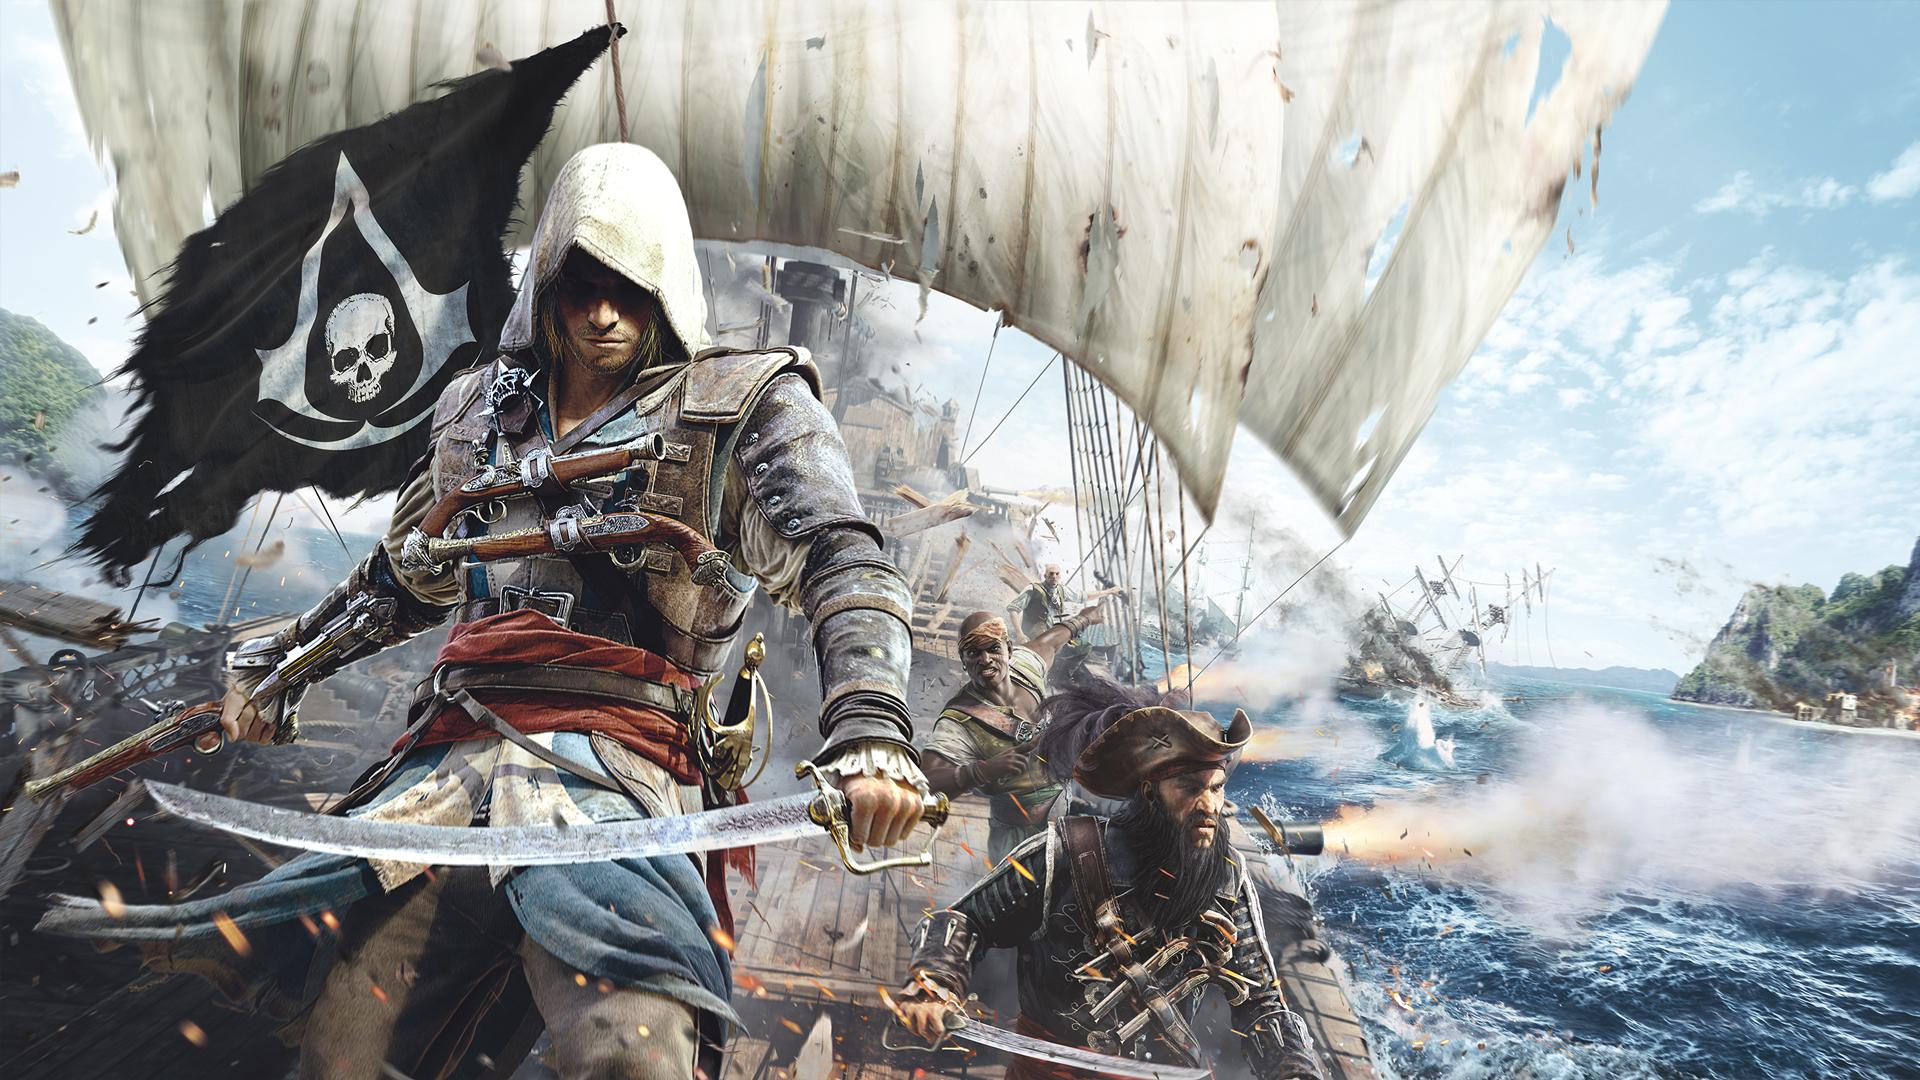 Цены на игры серии Assassin's Creed были снижены на 80% /фото Ubisoft